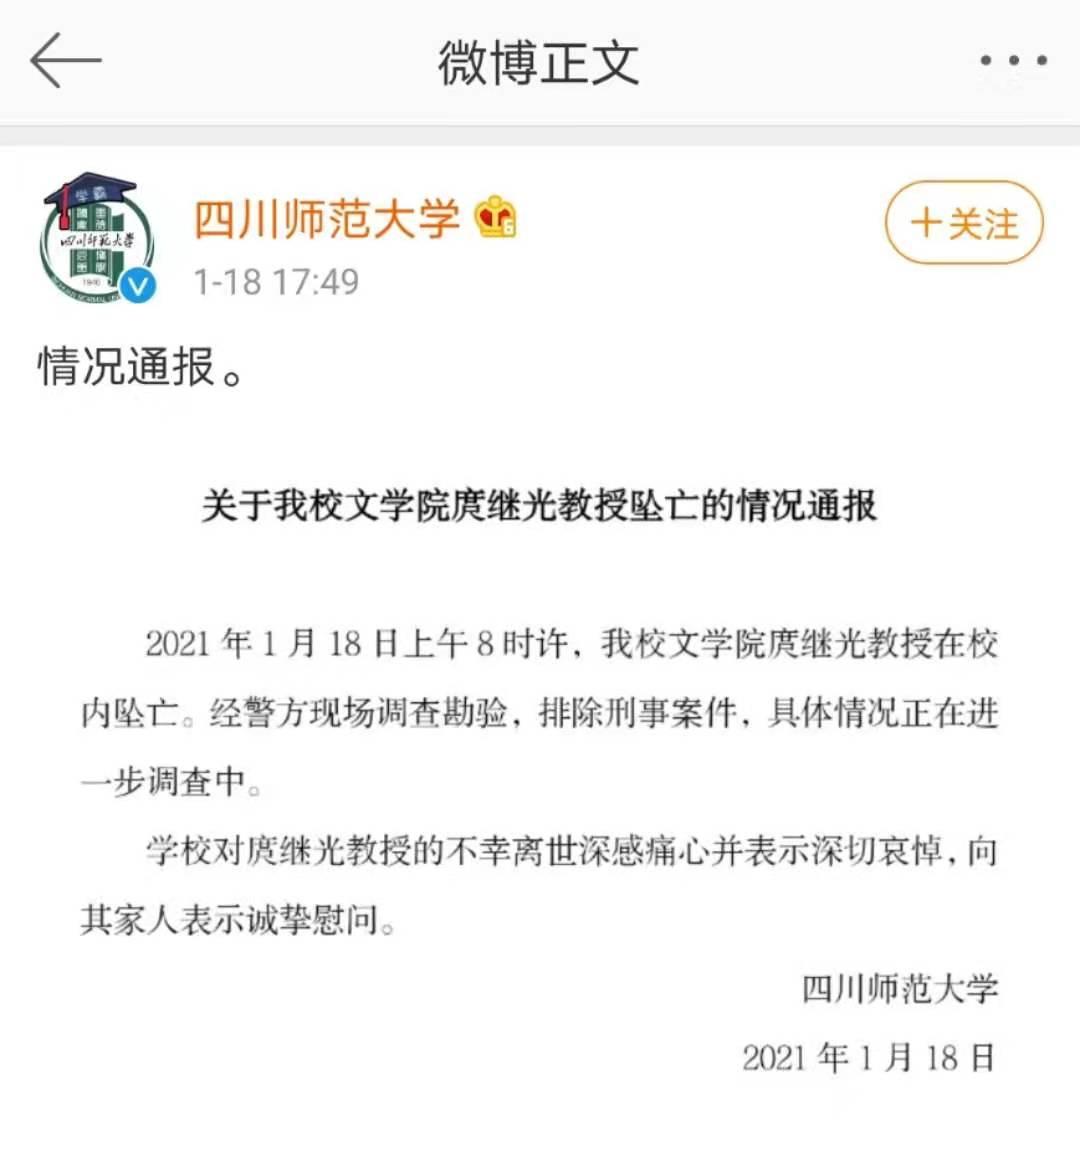 四川师范大学一教授在校内坠亡,警方排除刑事案件